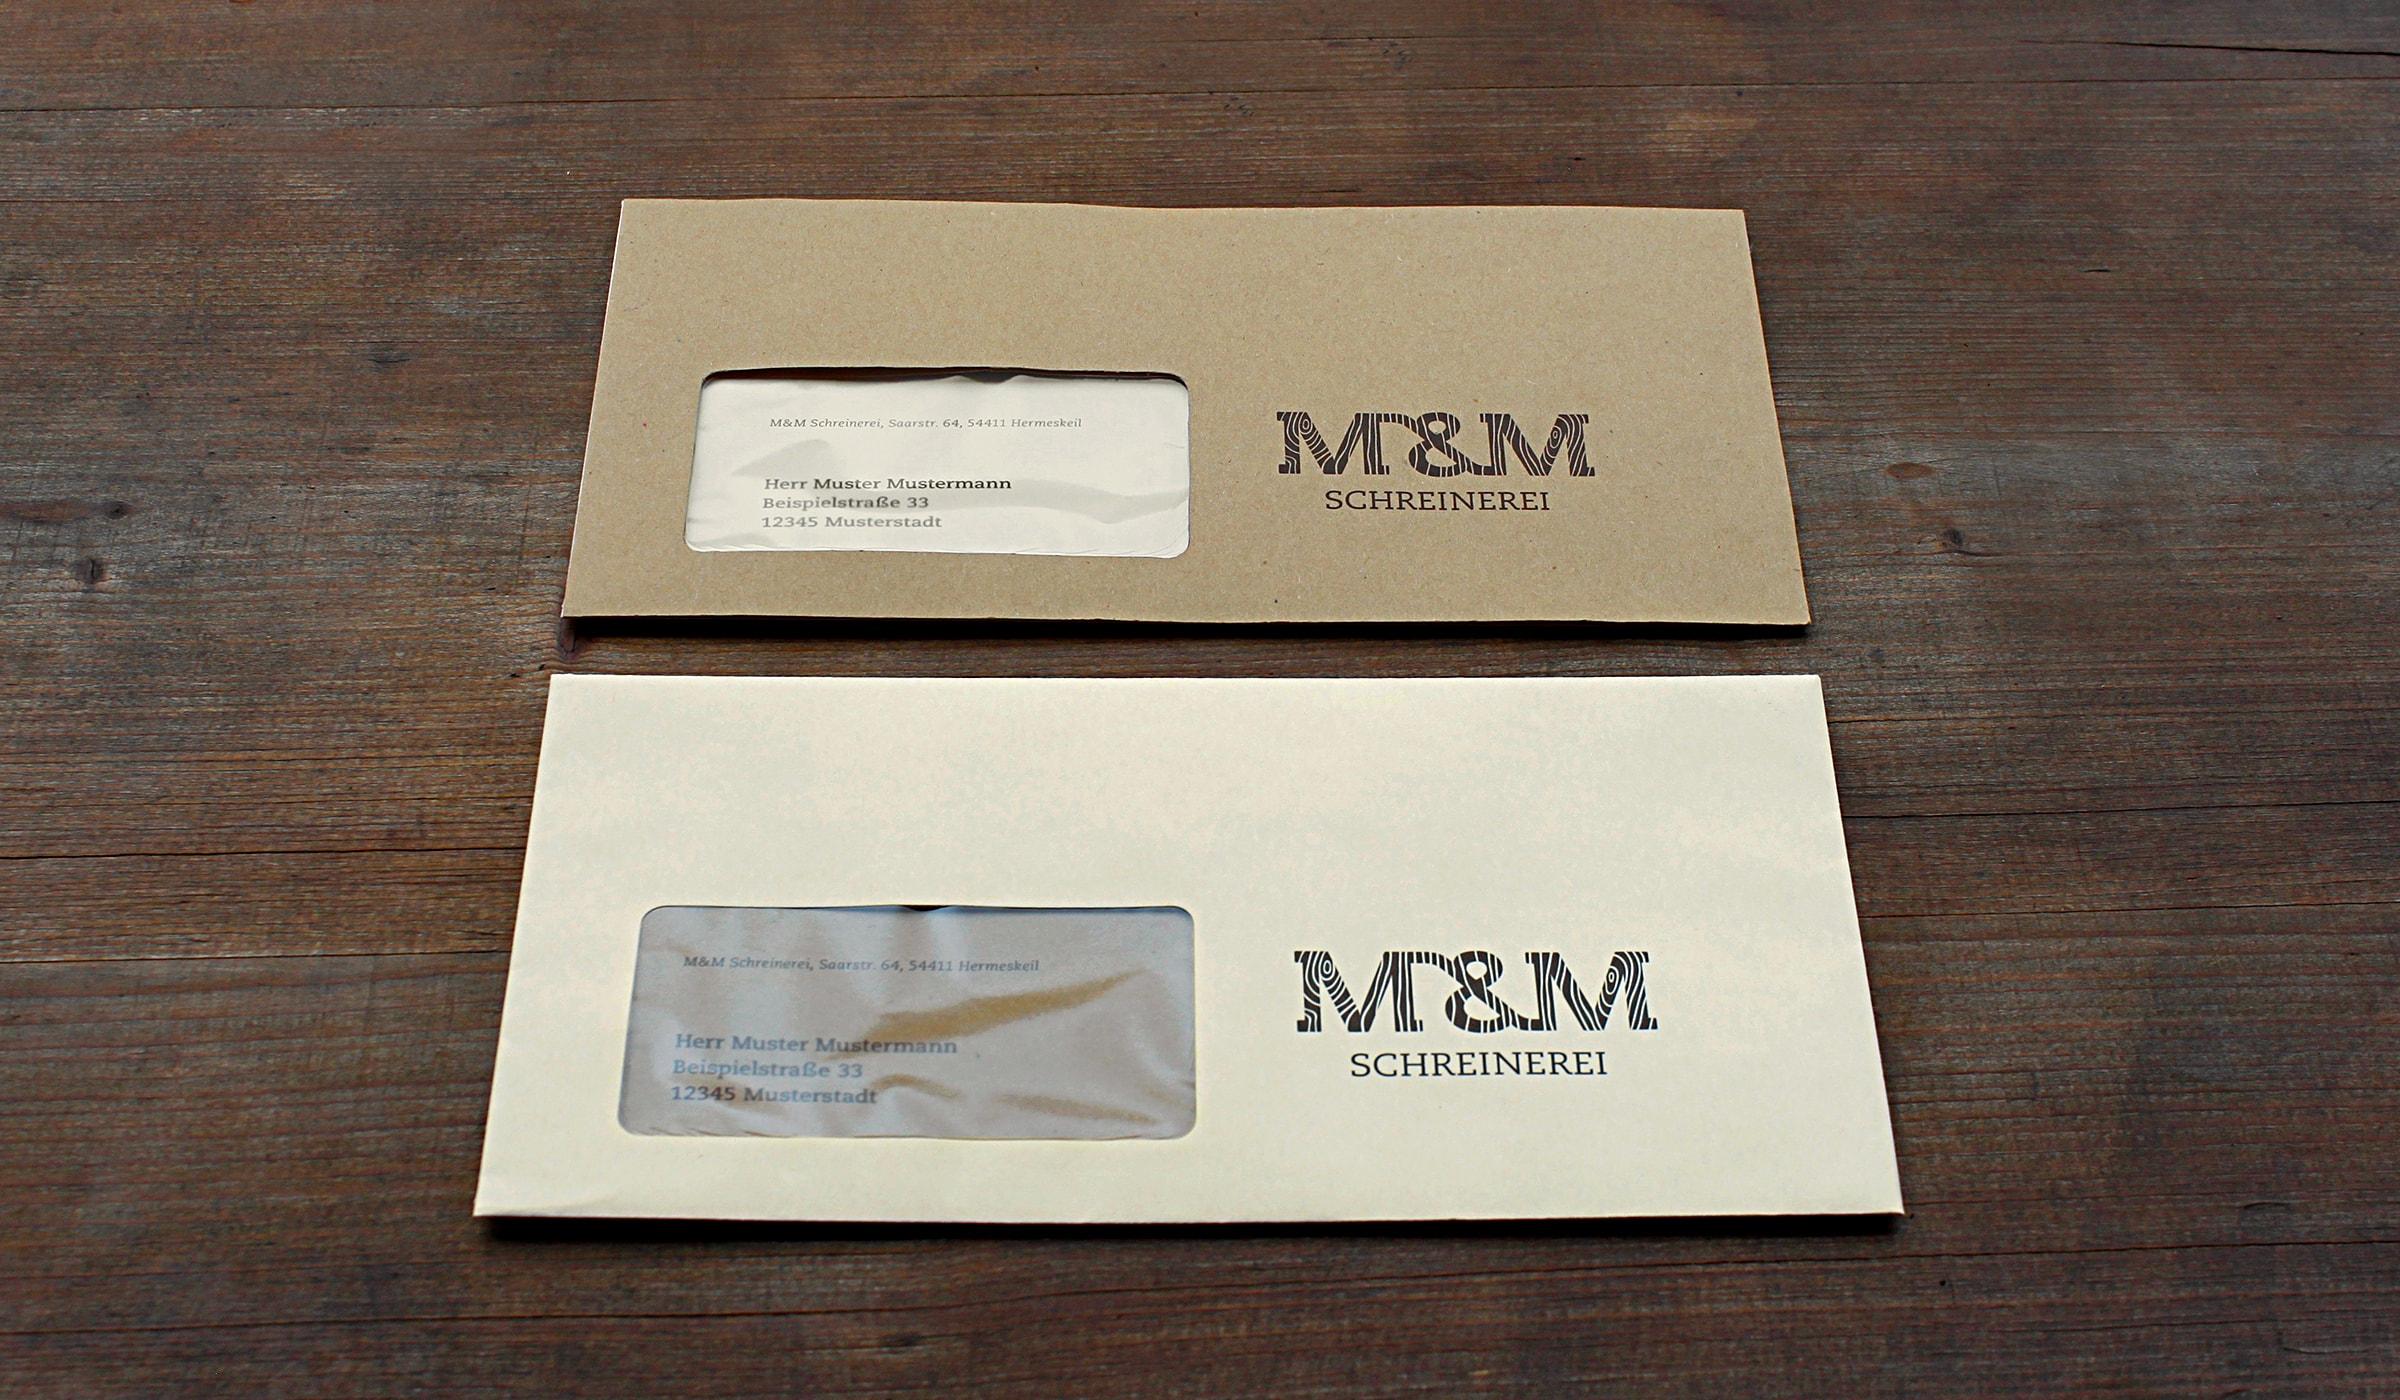 Corporate Design des Handwerksbetriebes M&M Schreinerei in Hermeskeil entwickelt durch die Werbeagentur mieker - Konzept Design Strategie. Briefpapier und Briefumschläge folgen dem Designkonzept und unterscheiden sich in ihrer Farbigkeit. Genutzt wird jeweils ein Hellbrauner Briefumschlag in Kombination mit einem Dunkelbraunen Briefpapier oder ein Dunkelbrauner Briefumschlag in Kombination mit einem Hellbraunen Briefpapier. Bestandteile/ Printdesigns: Grafikdesign, Logodesign, Visitenkarten, Briefpapier, Briefumschläge, Notizblöcke, Werbemittel und Werbung. Corporate Design und Corporate Identity gehen Hand in Hand. Regionen: Hermeskeil, Saarbrücken, Trier, Luxemburg, Koblenz.